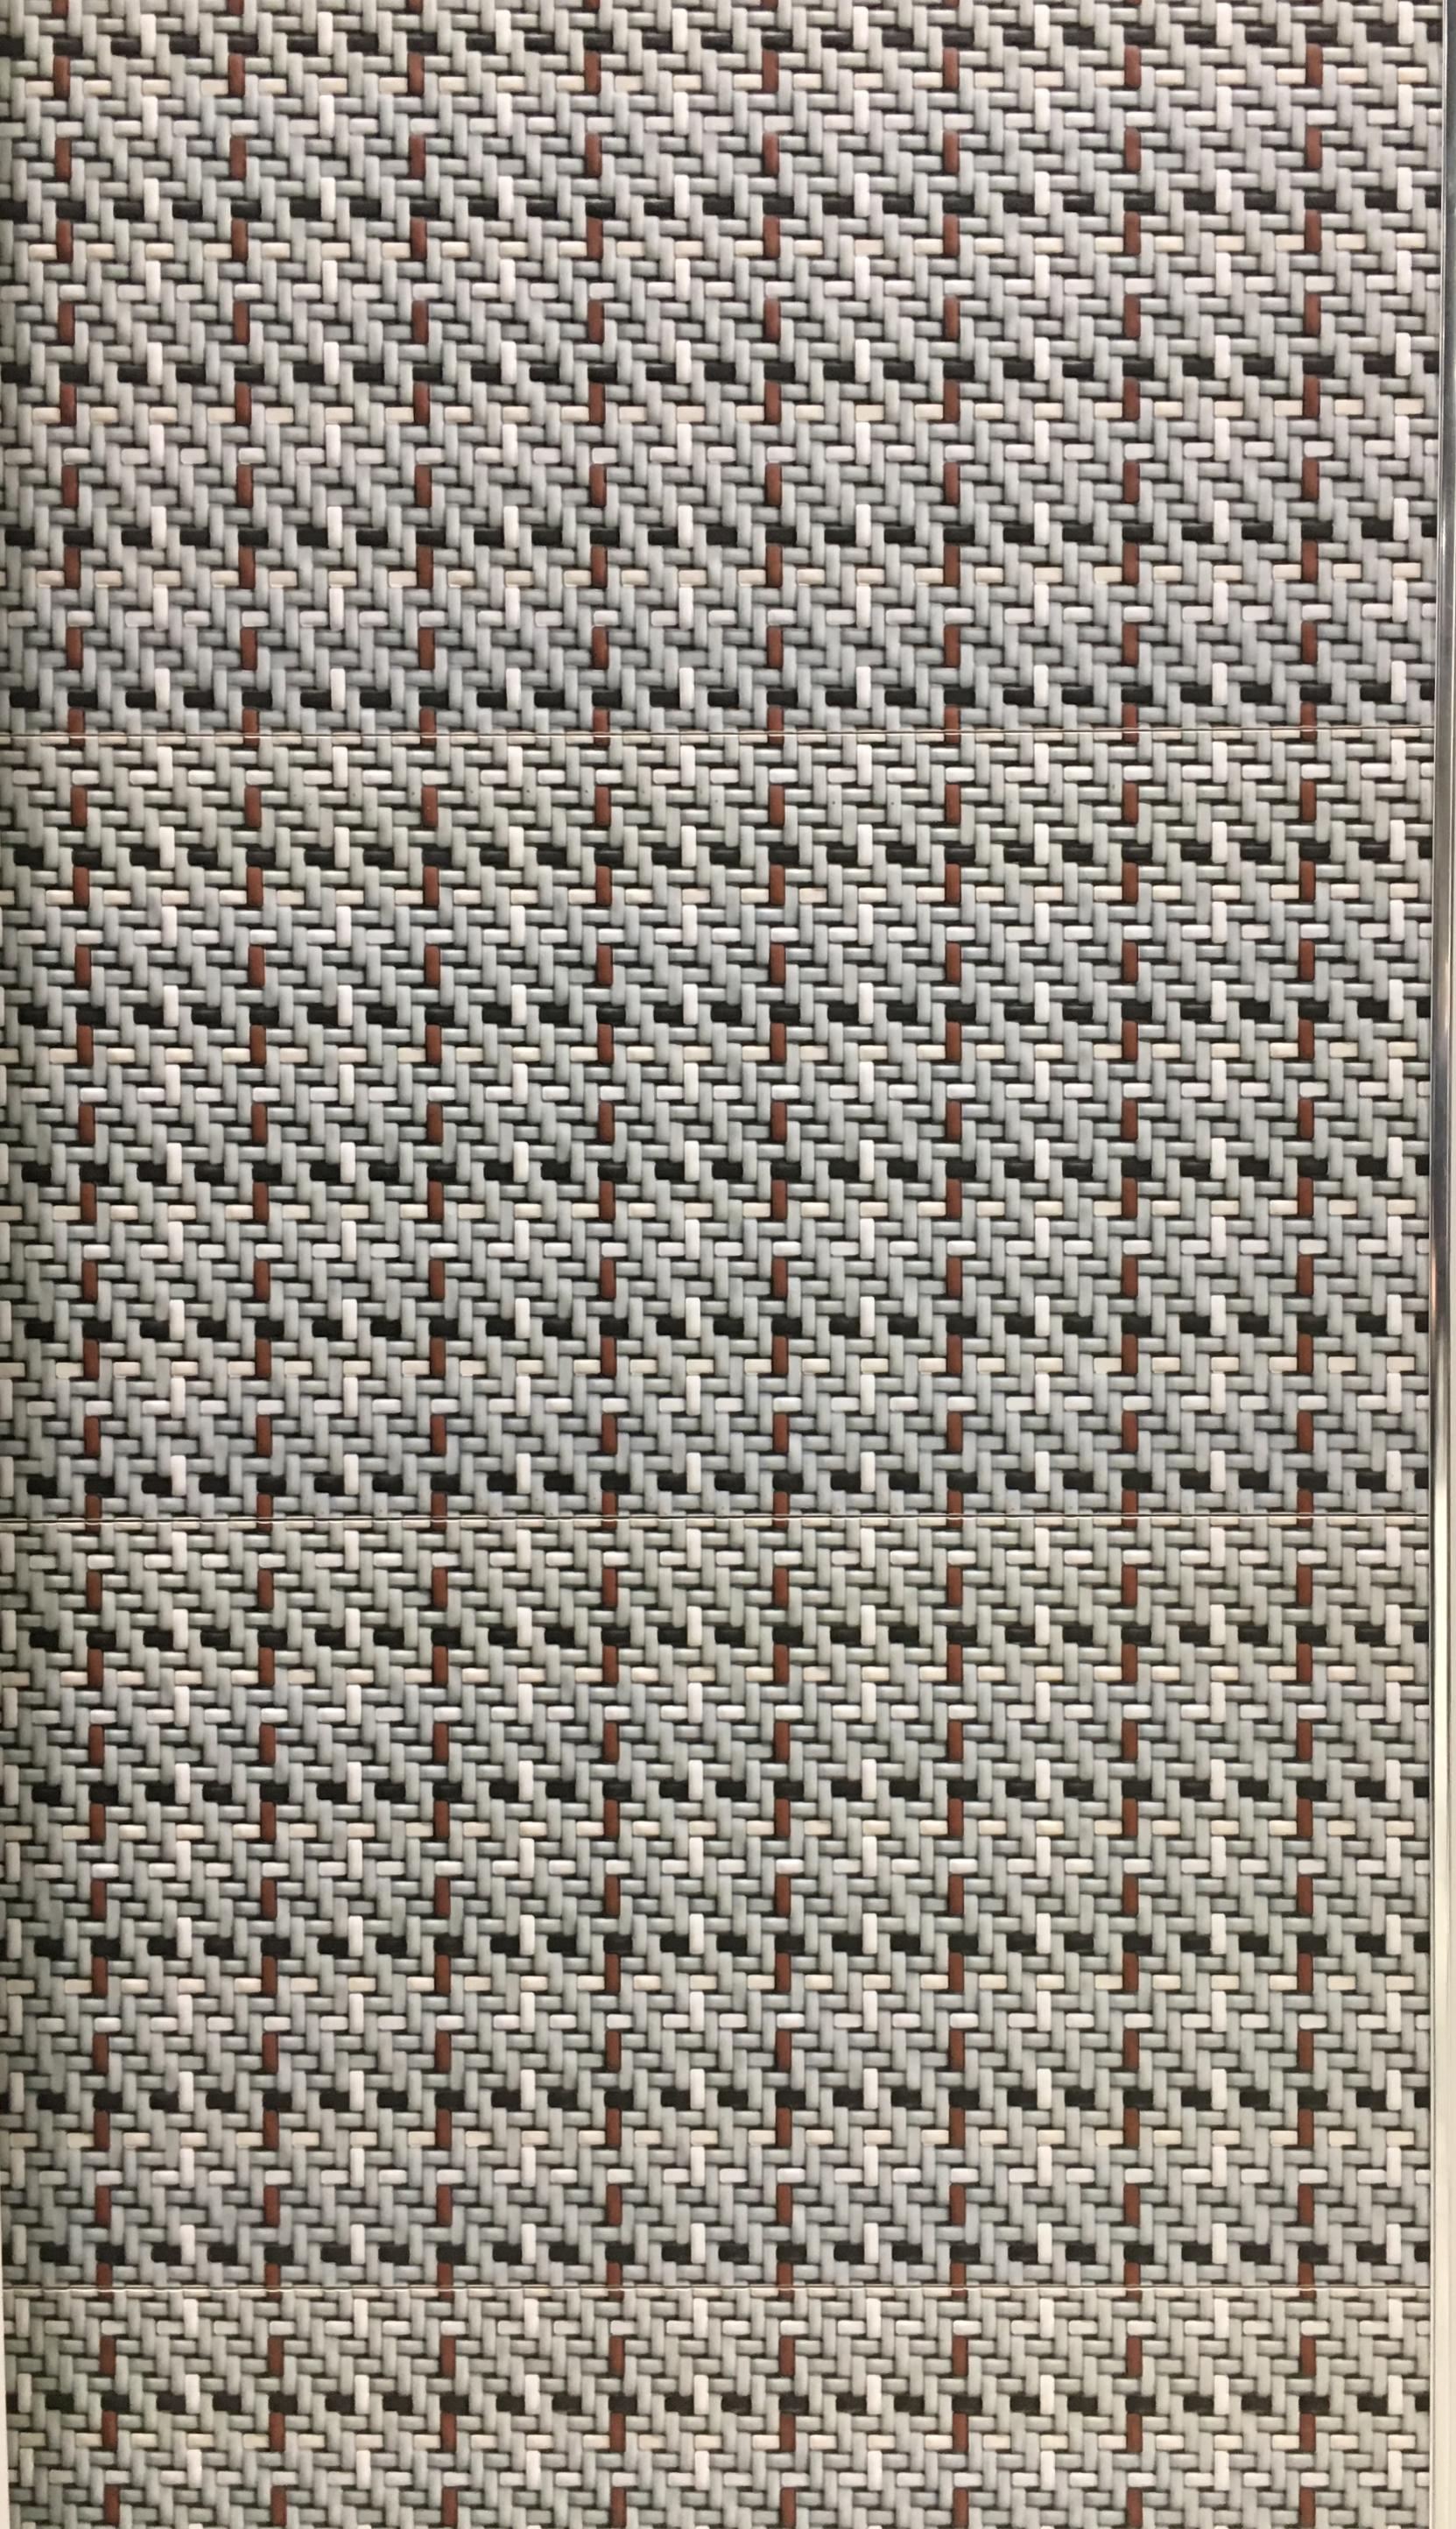 אריחי פורצלן מסדרת ארוגים בתבליט עדין